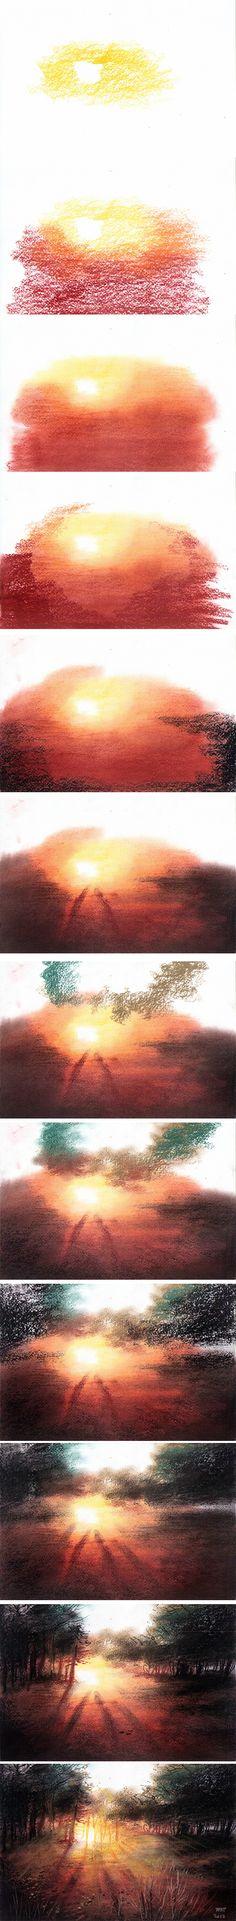 Рисуем пастелью арт, пастель, рисунок, творчество, Интересное, закат, Природа, Искусство, длиннопост